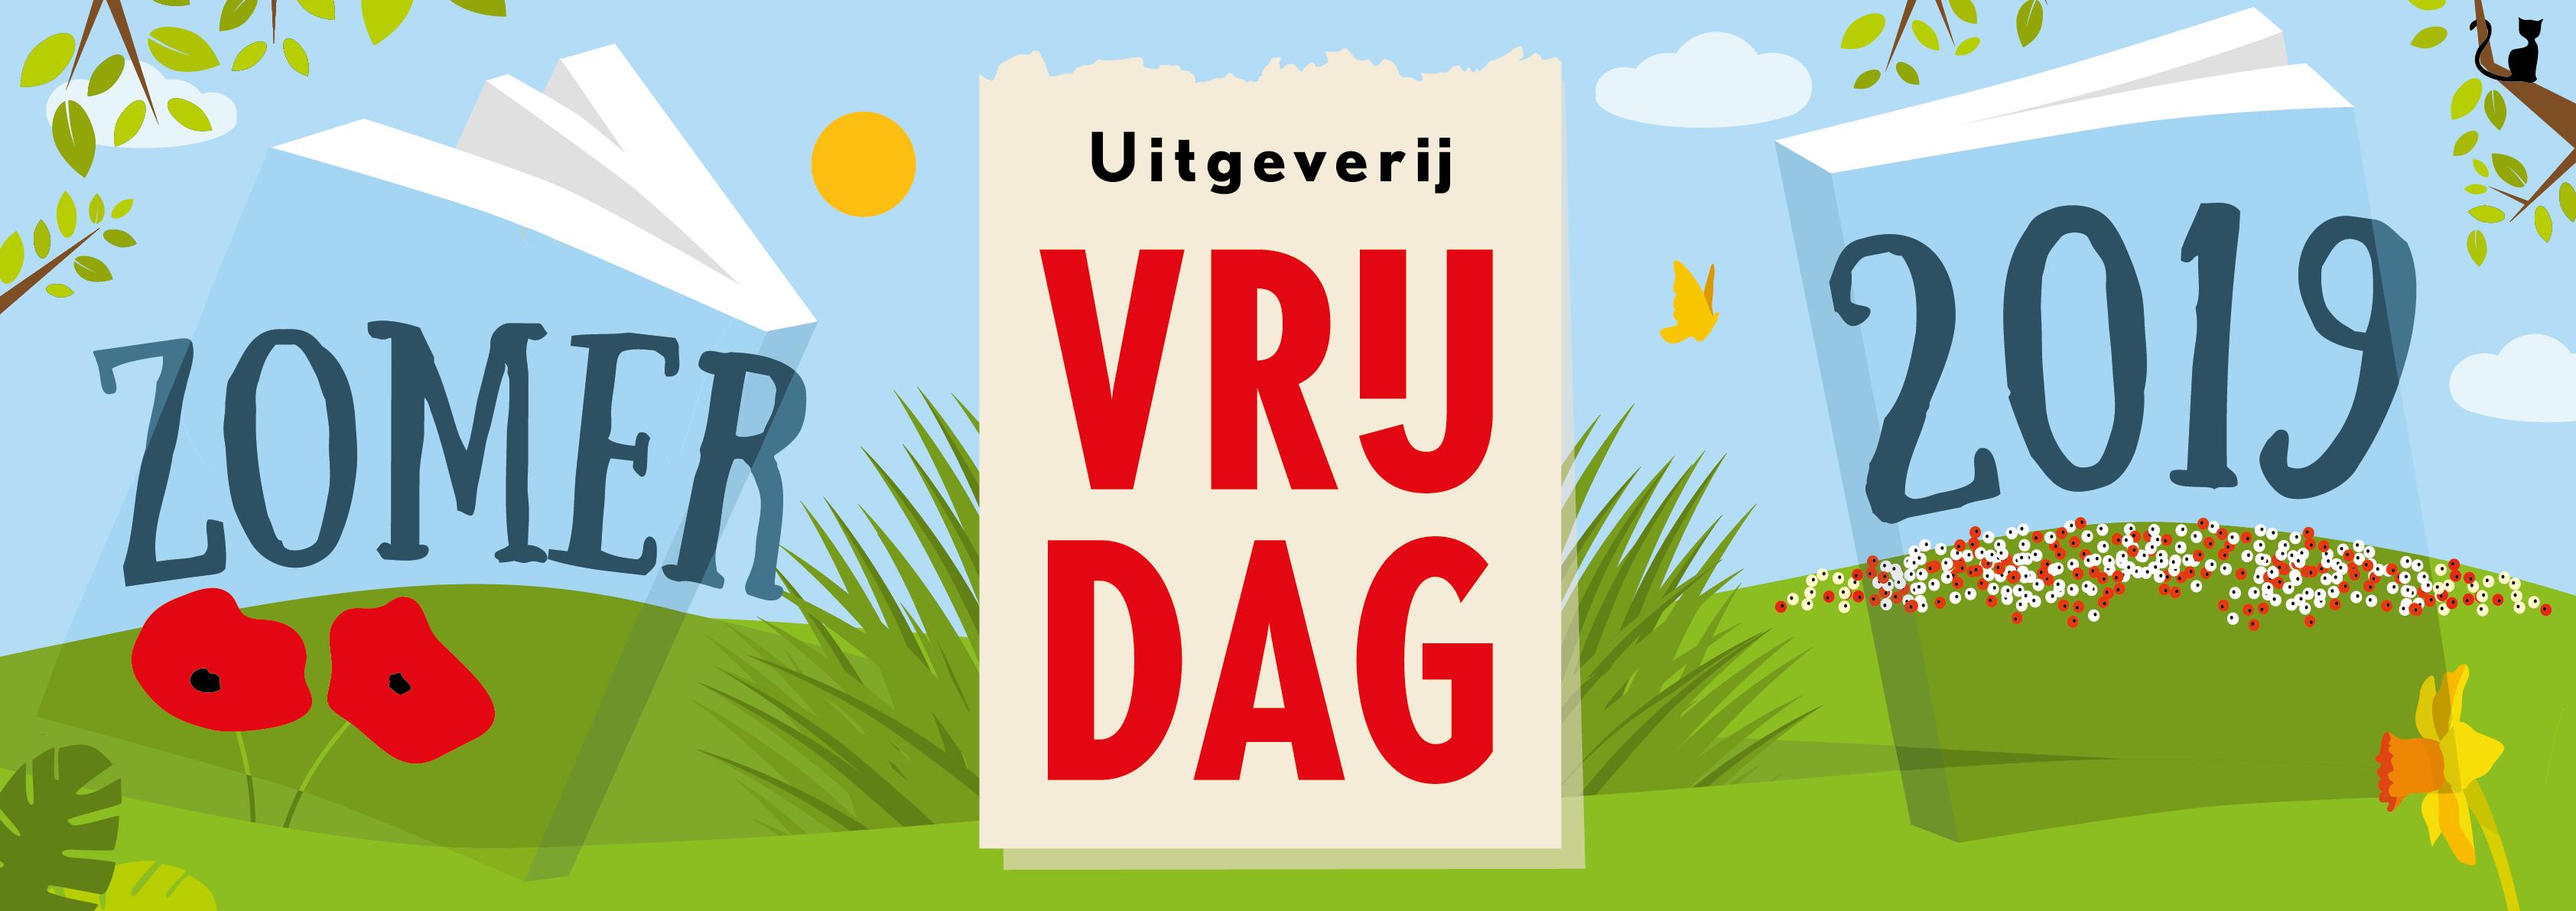 Uitgeverij Vrijdag Aanbieding Vera Post